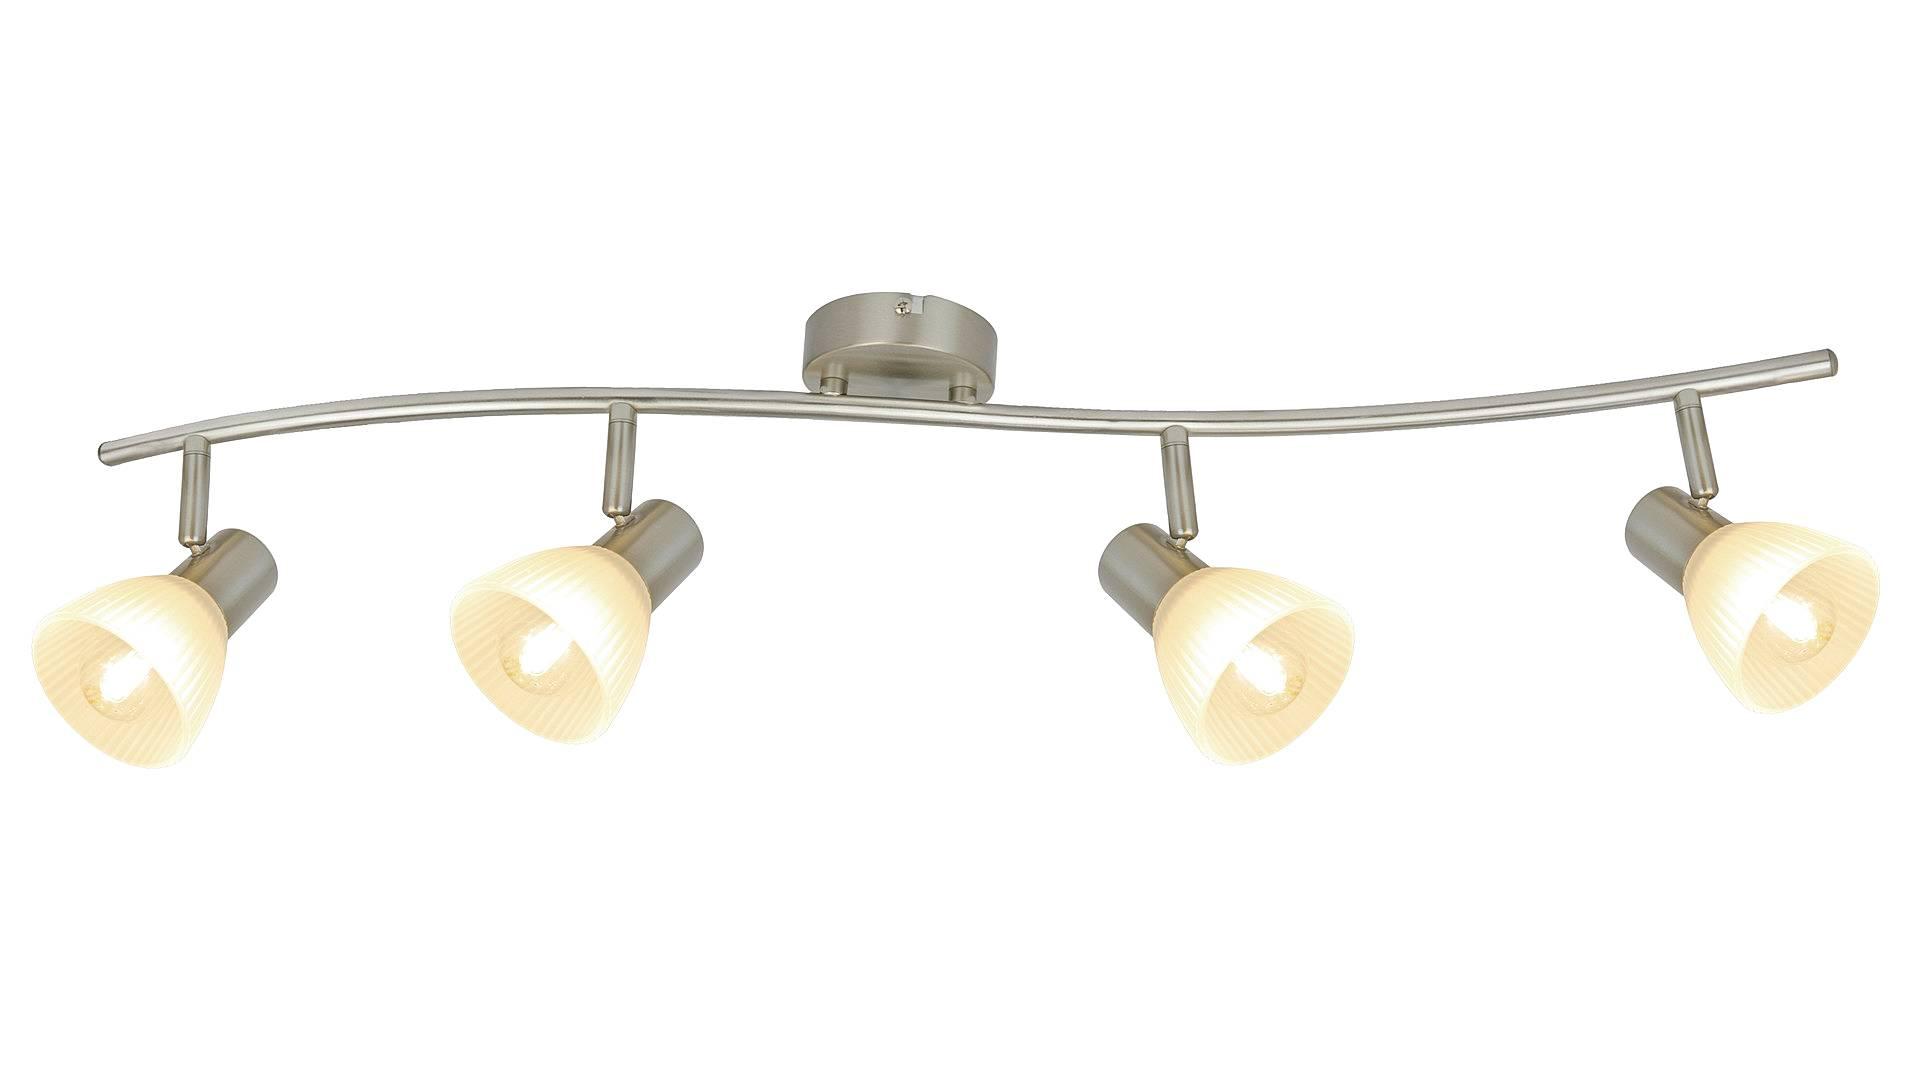 Фото товара A5062PL-4SS Arte Lamp